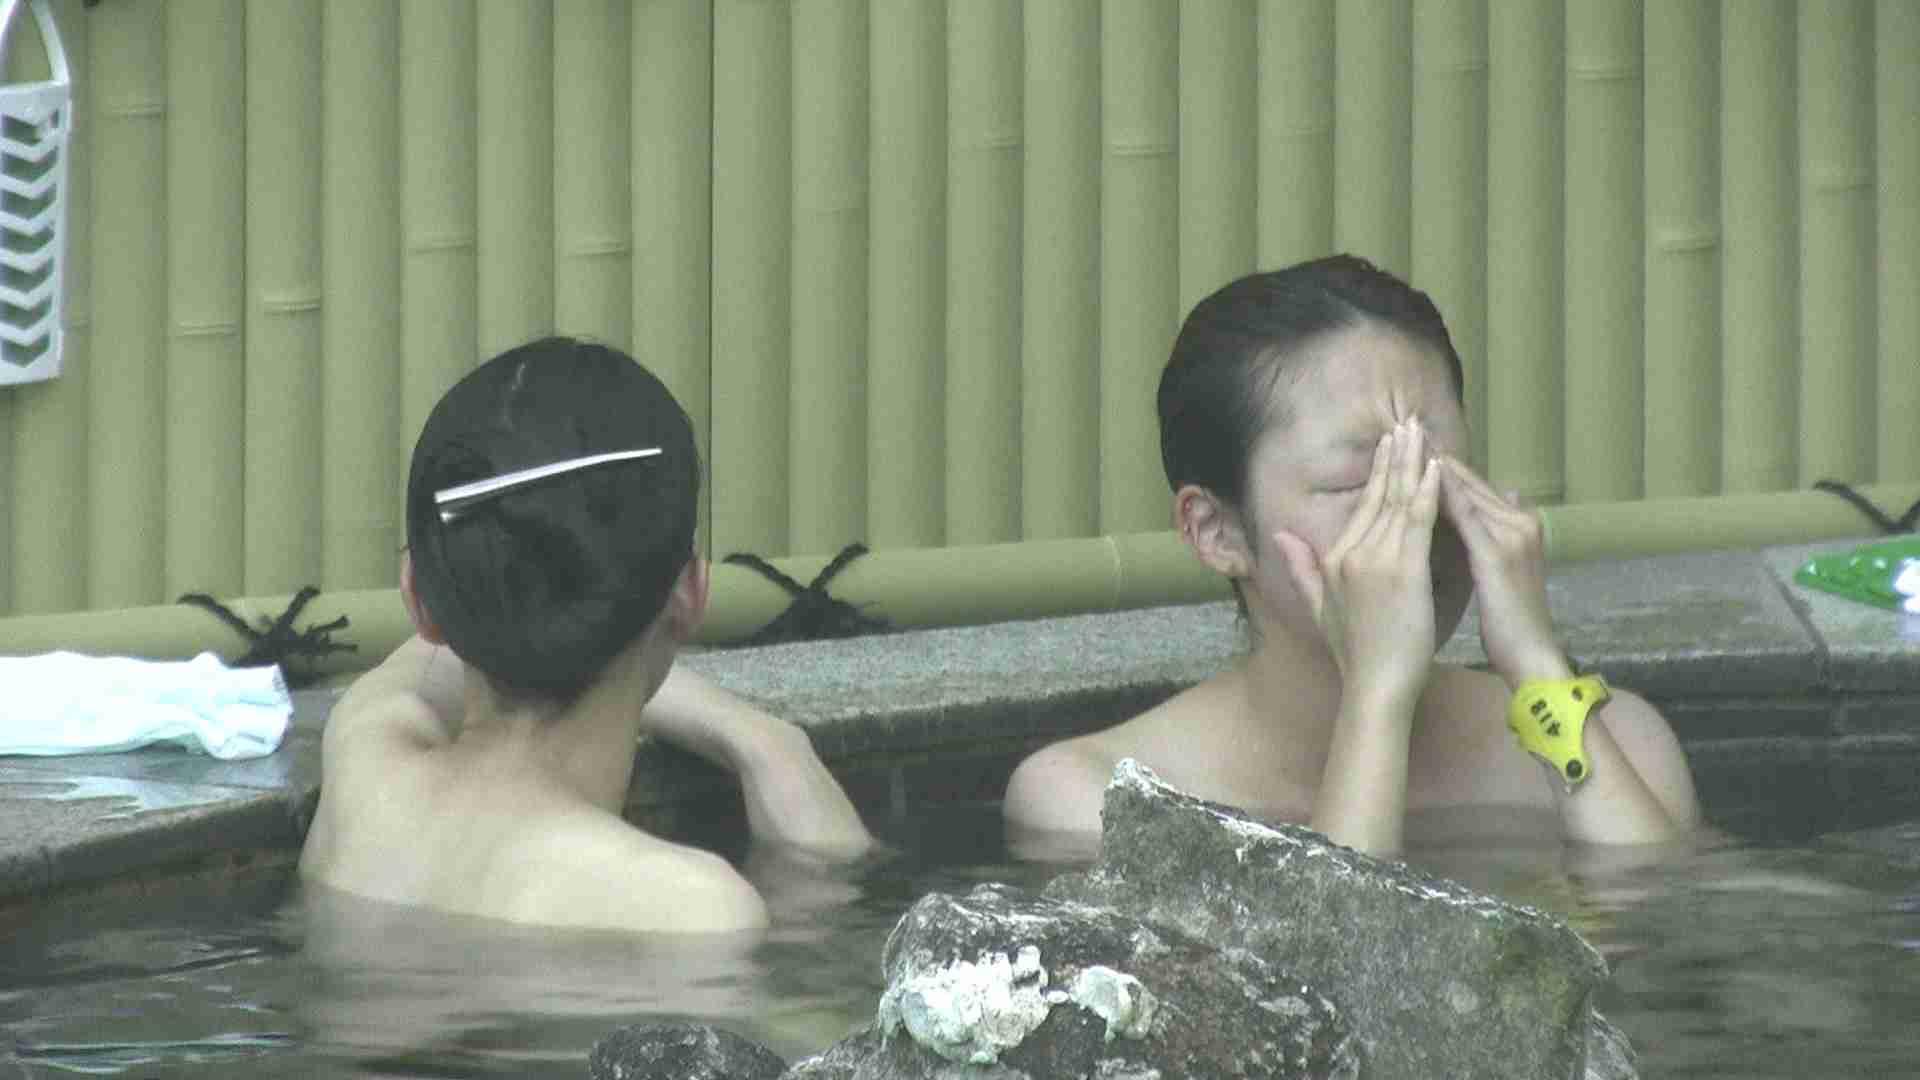 Aquaな露天風呂Vol.195 盗撮  71画像 33